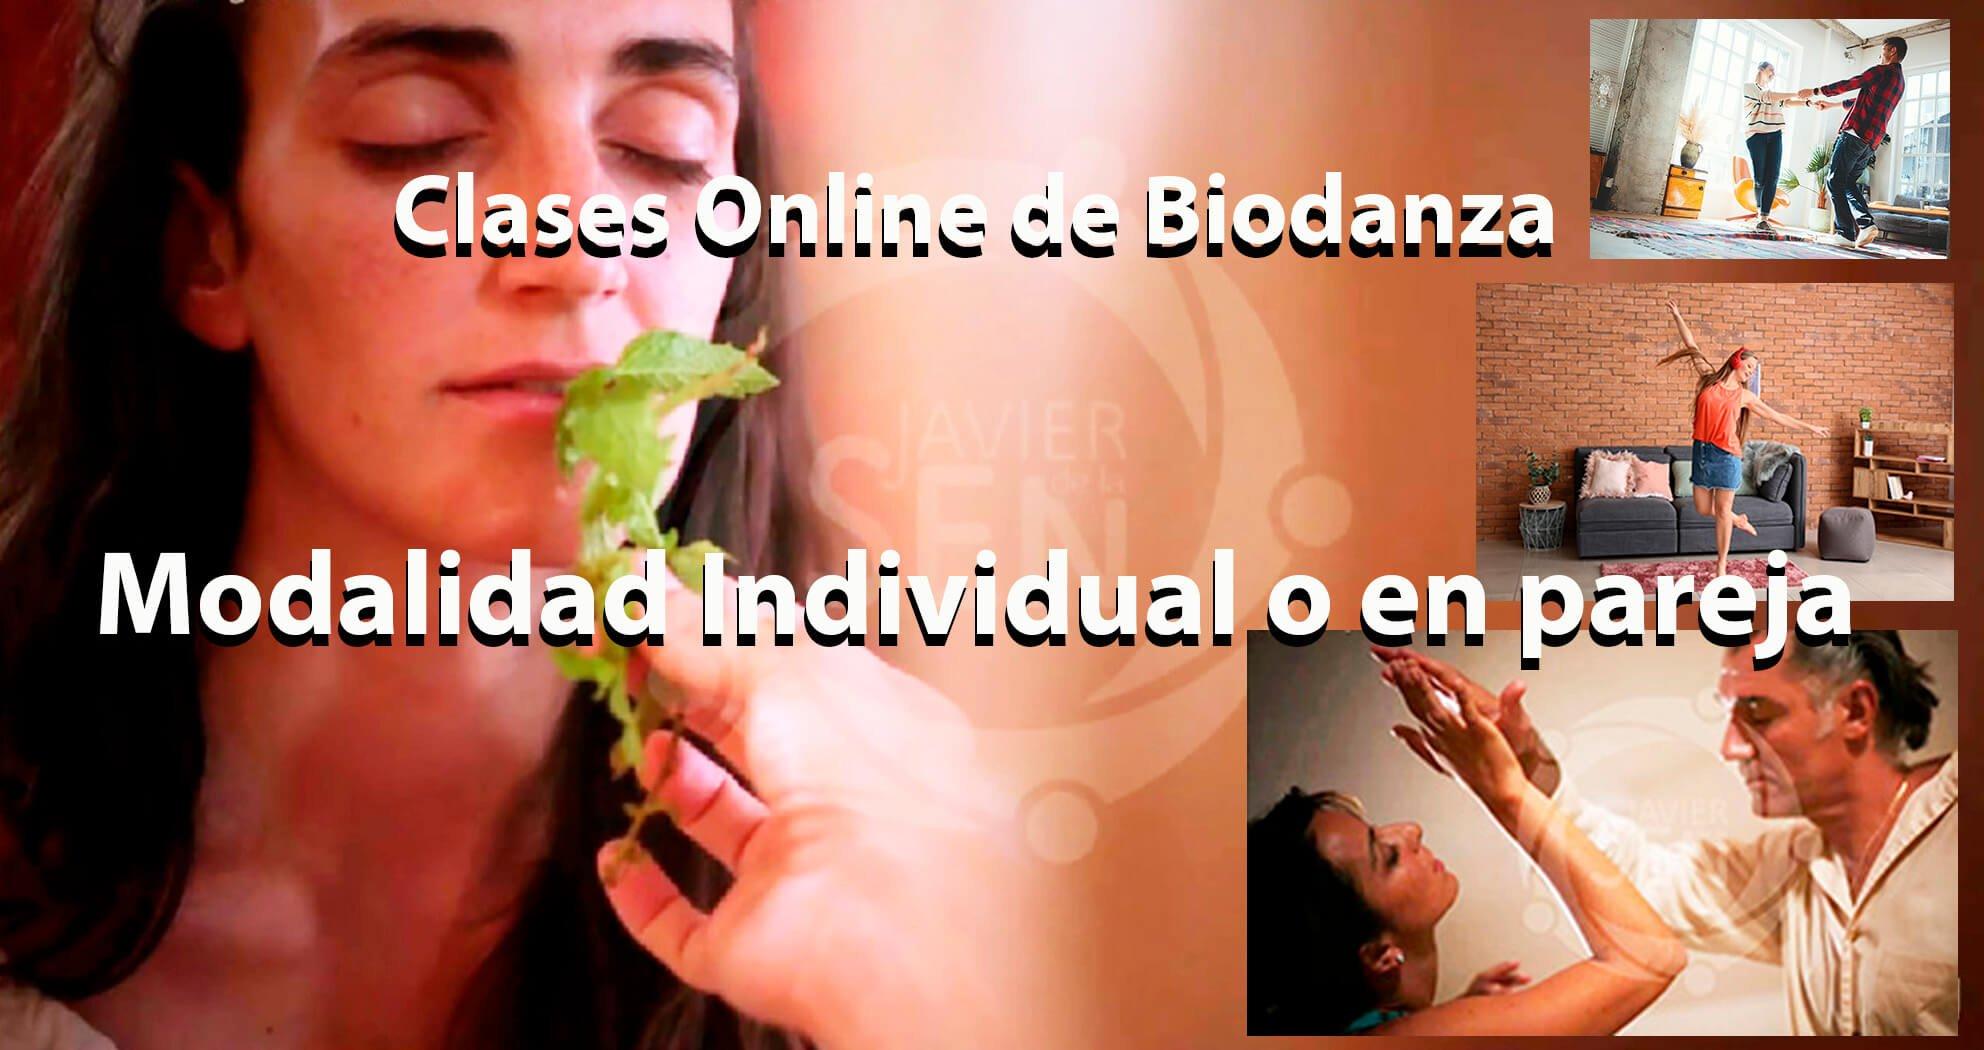 Clases de biodanza online modalidad-individual-o-en-pareja